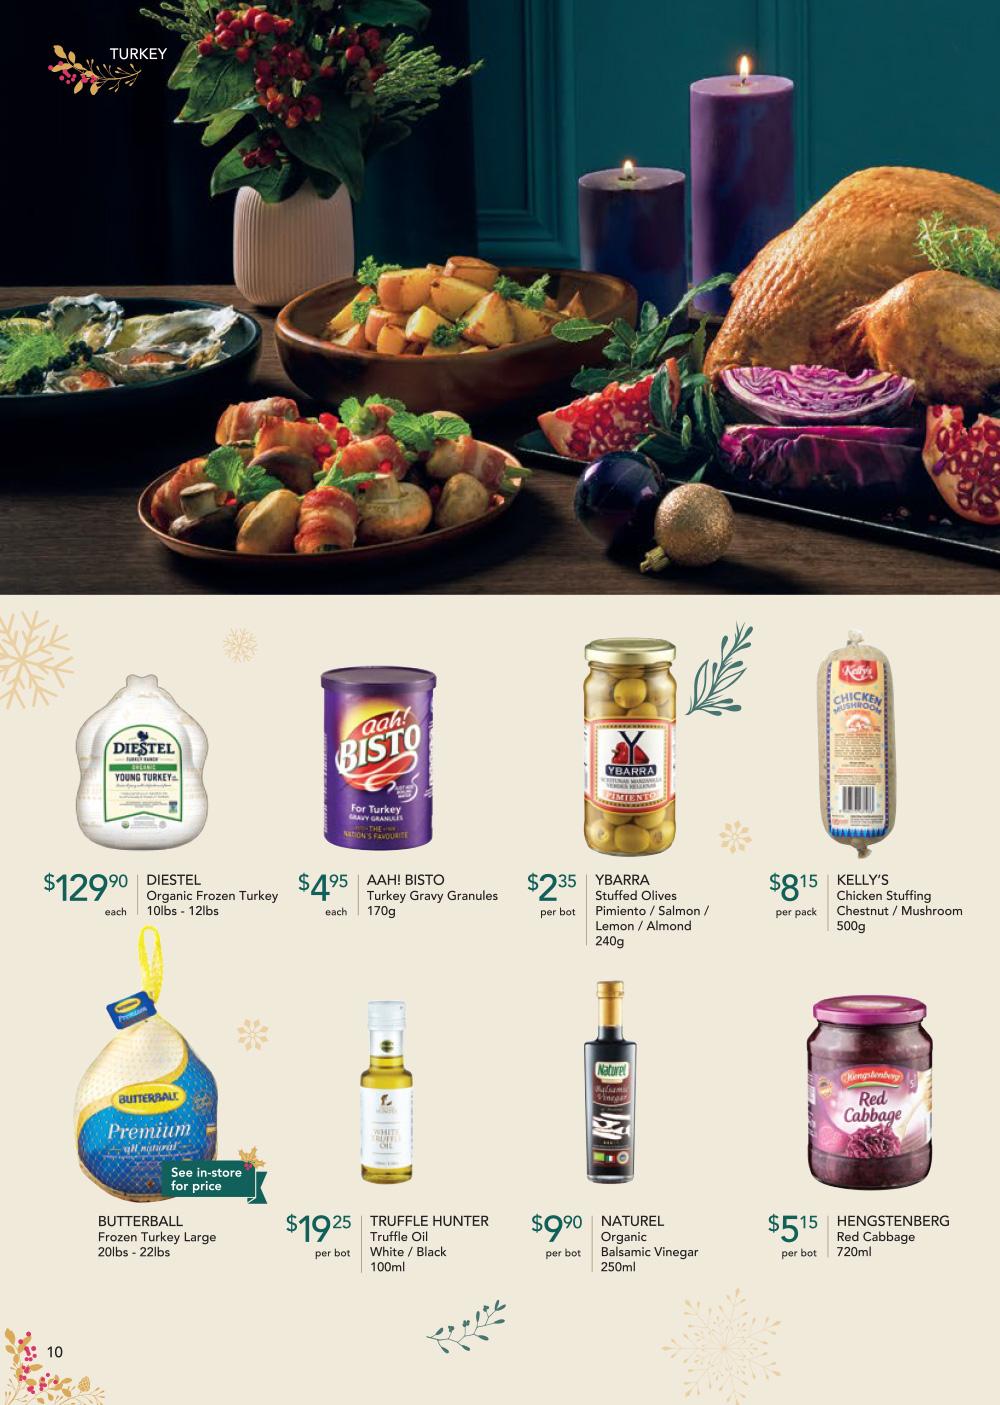 FairPrice Finest Christmas Catalogue 2019 - Turkey